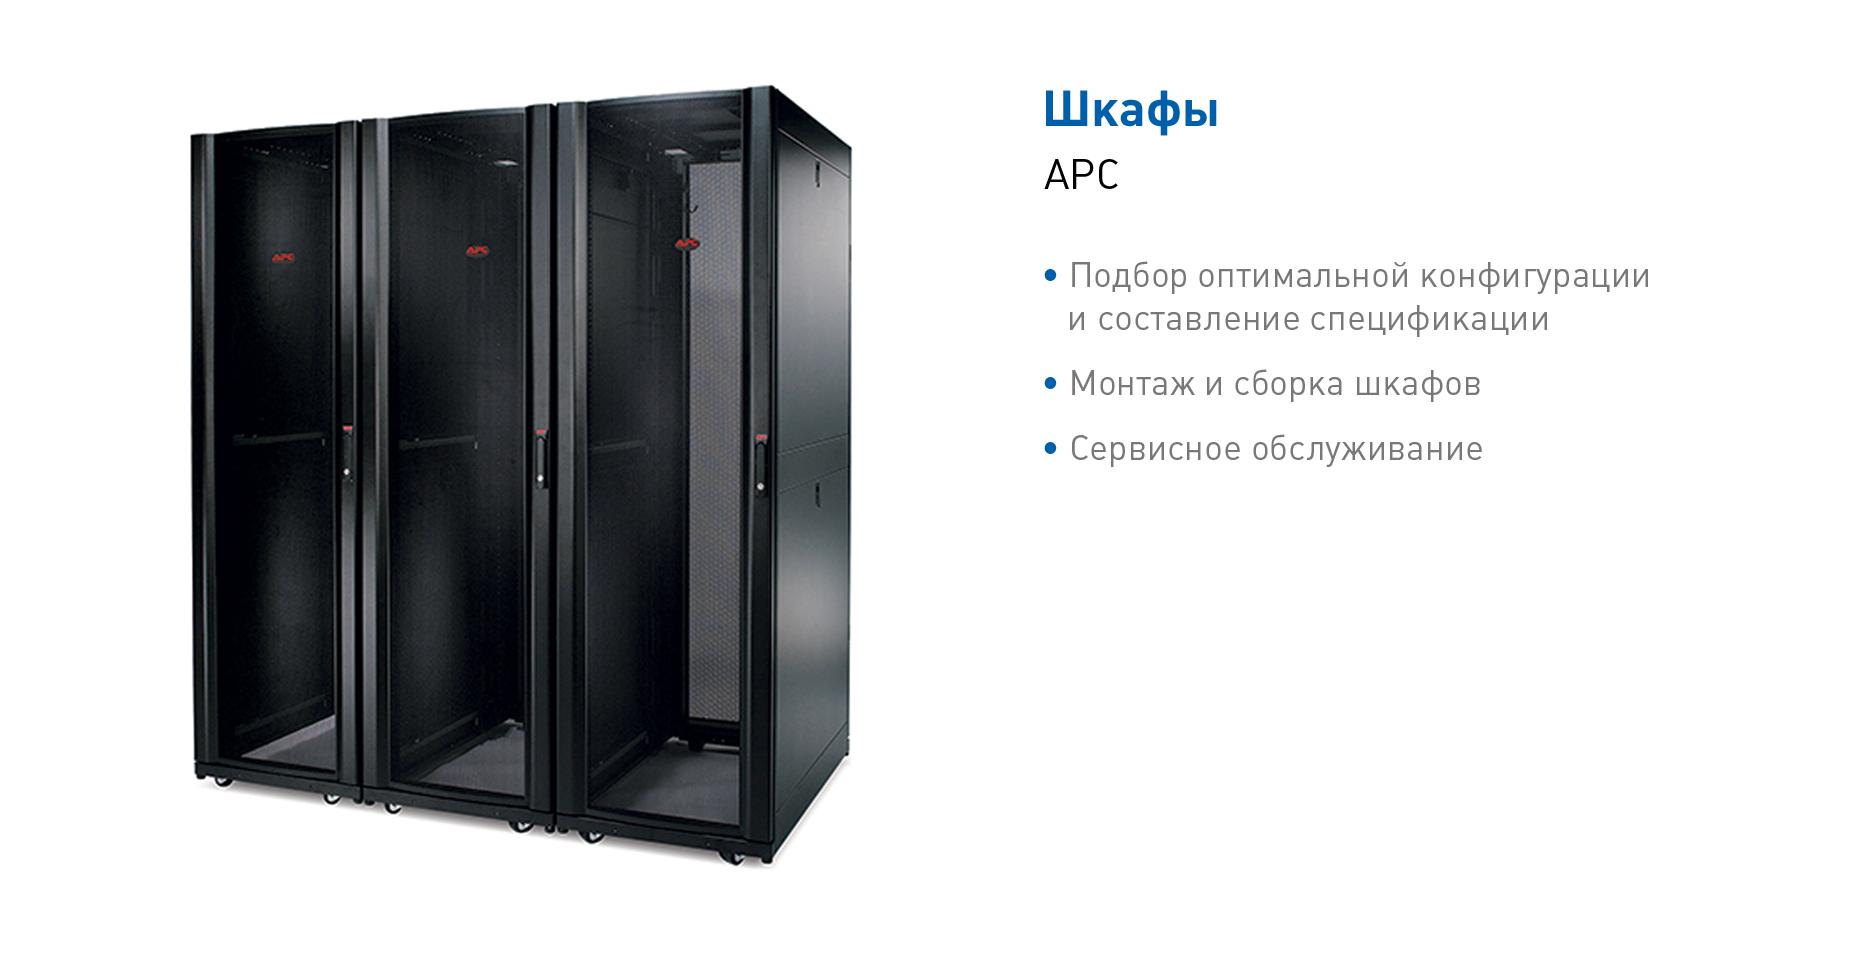 Телекоммуникационные шкафы. подбор конфигурации..